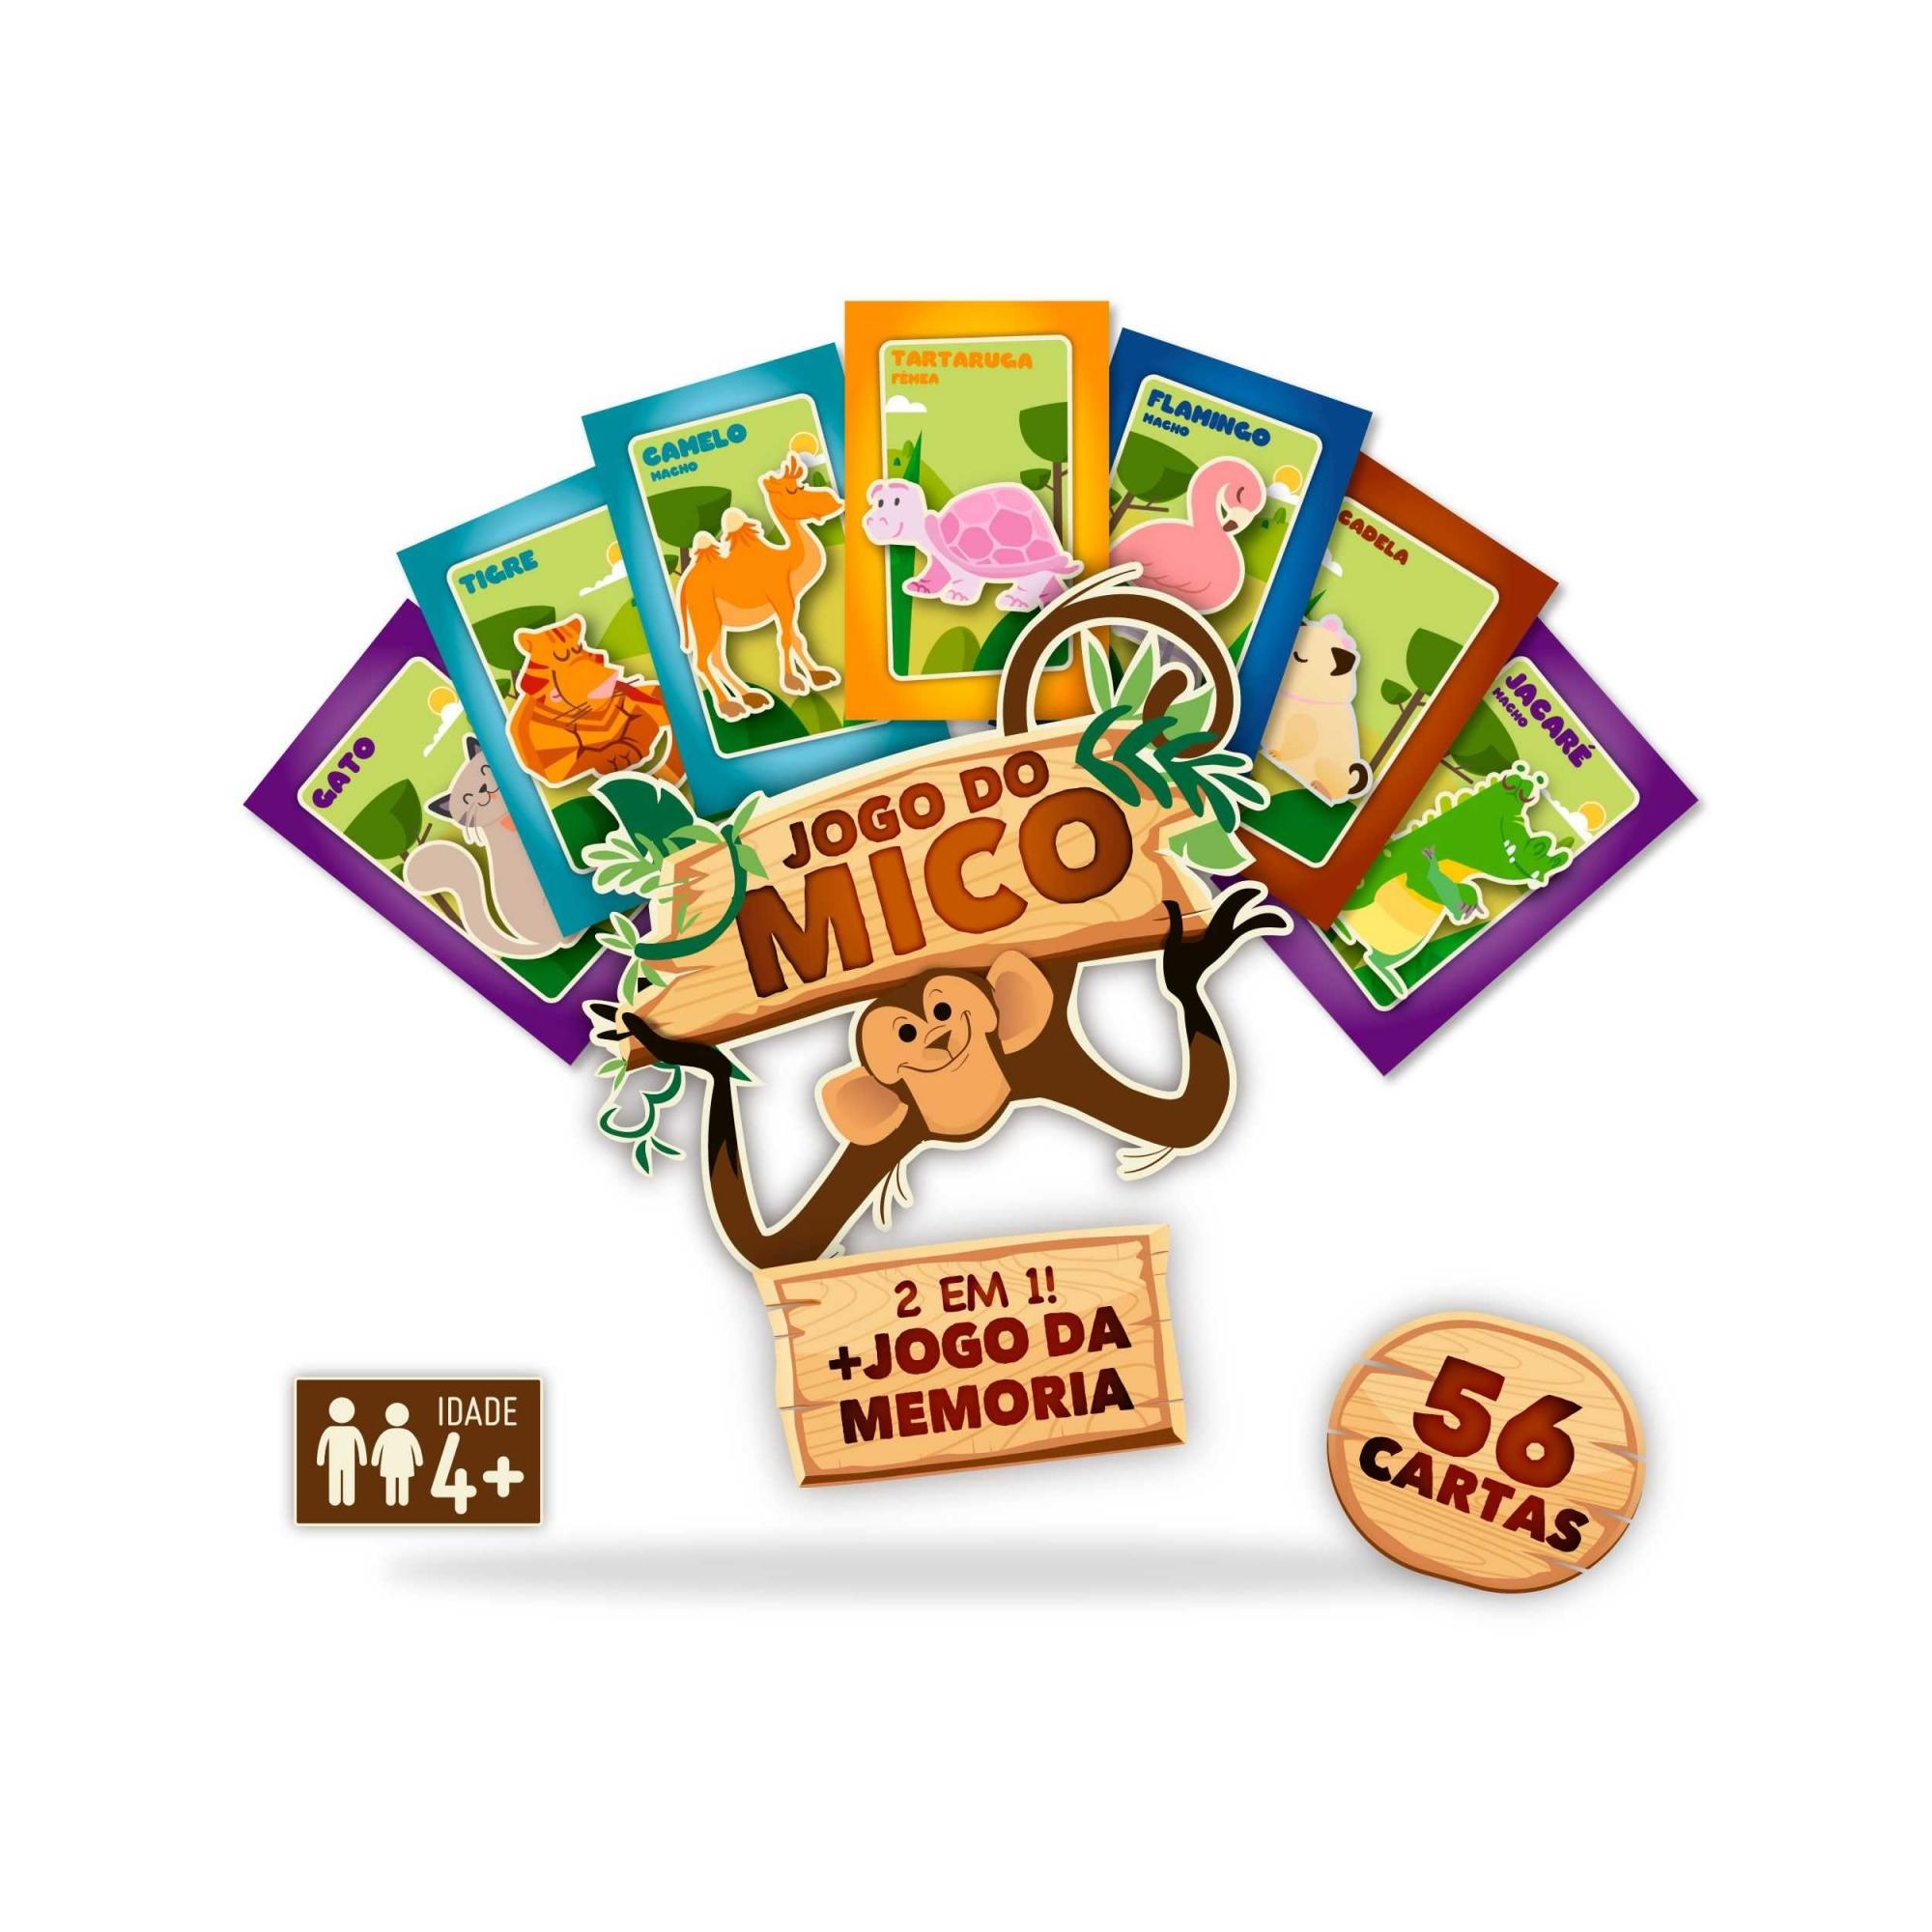 Jogo Do Mico + Jogo Da Memória 56 Cartas 2 Em 1 Pais Filhos